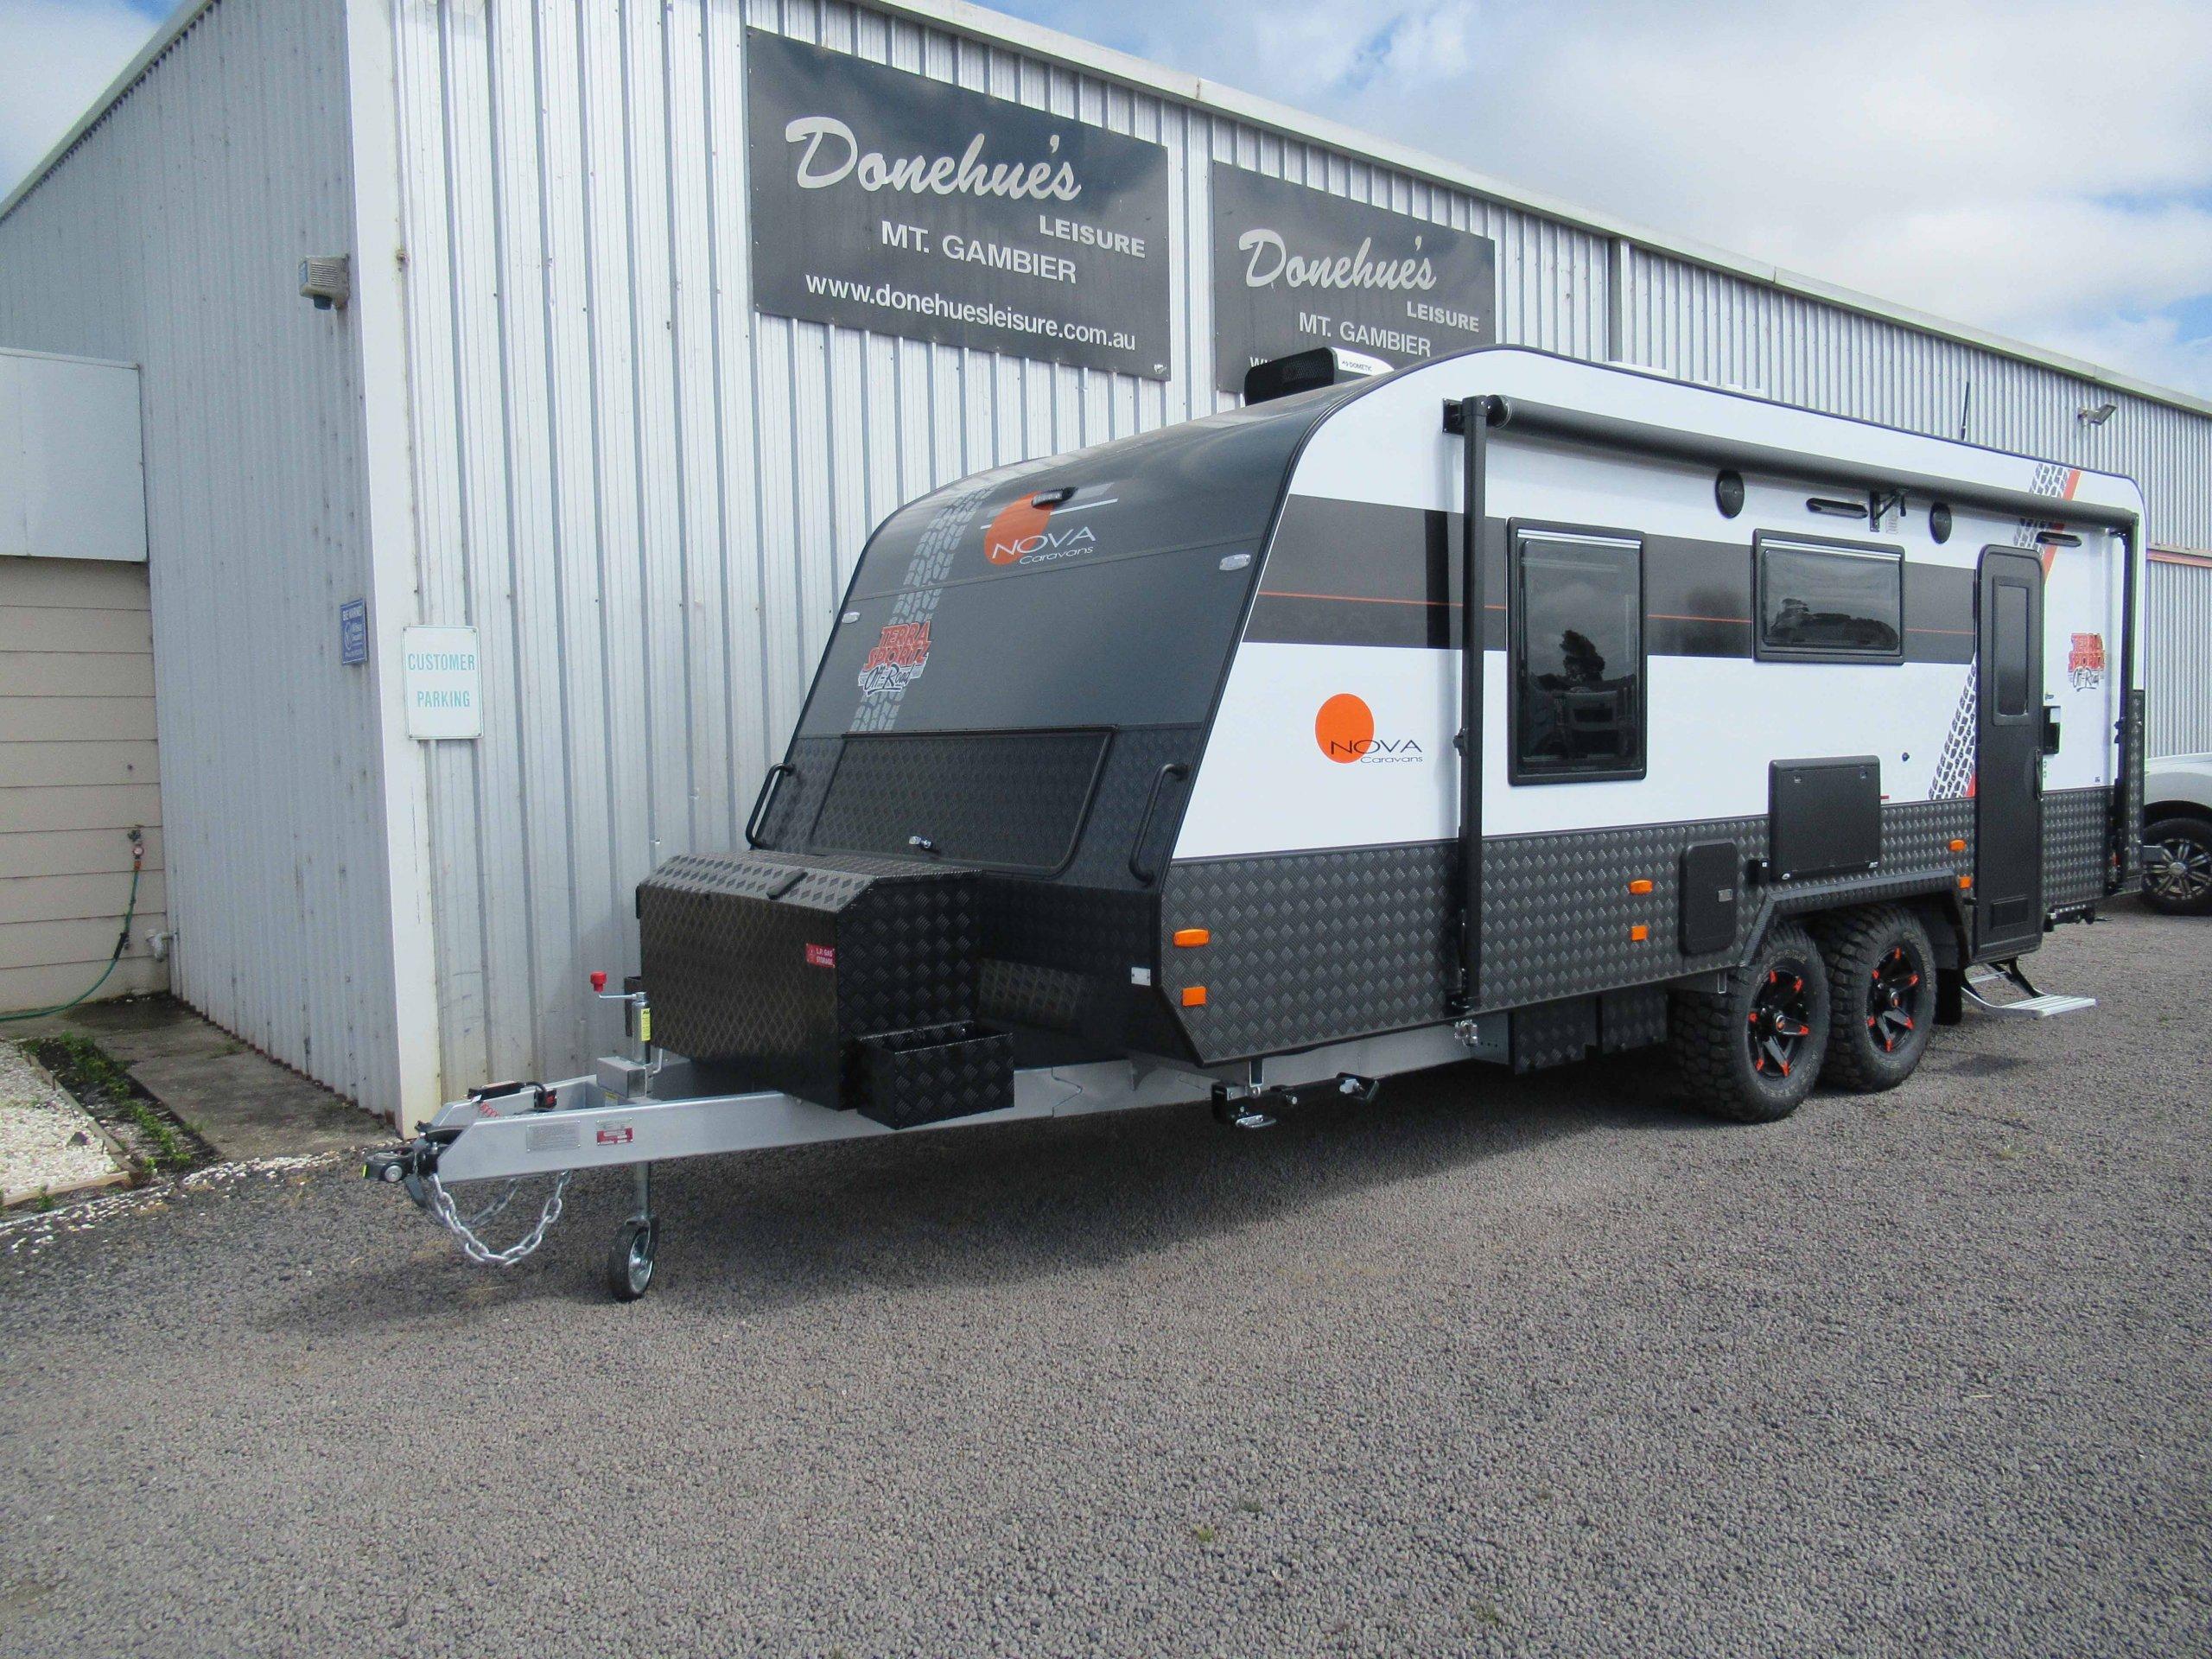 Donehues Leisure New Nova Terra Sportz Off road Caravan Mt Gambier 12560 3